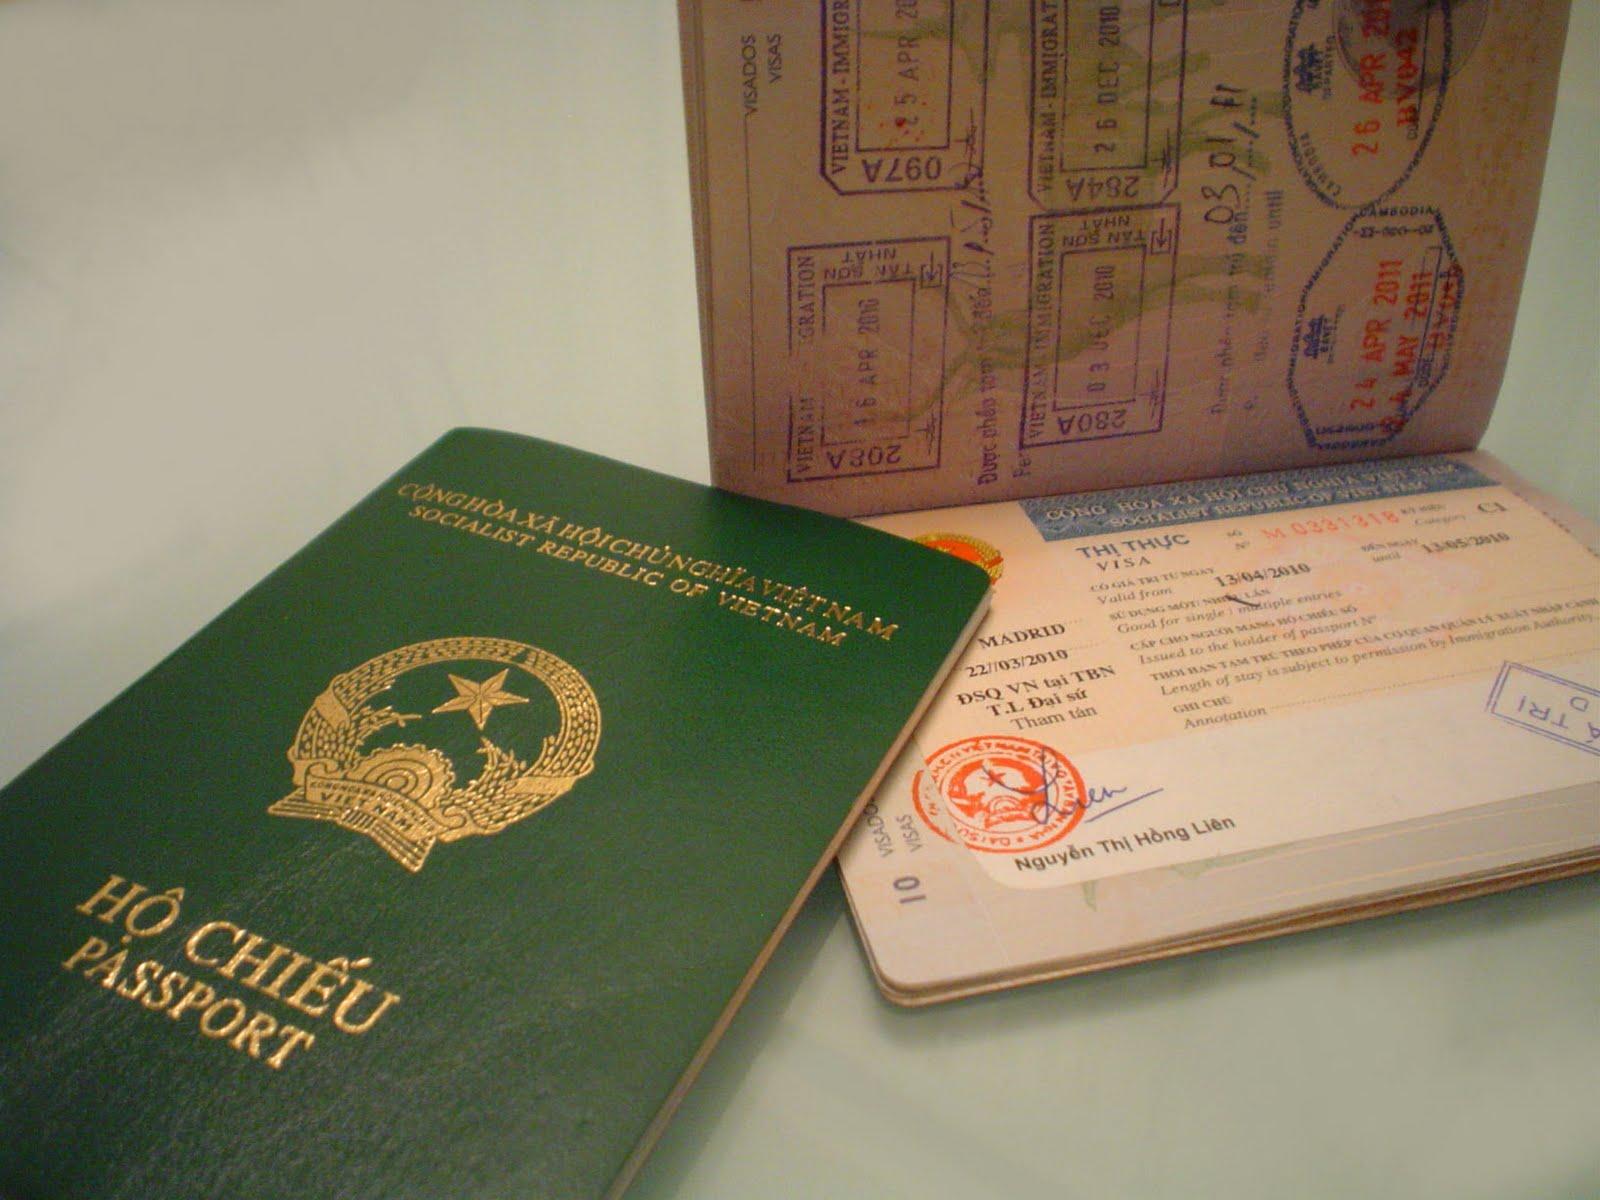 laos embassy bangkok visa application form